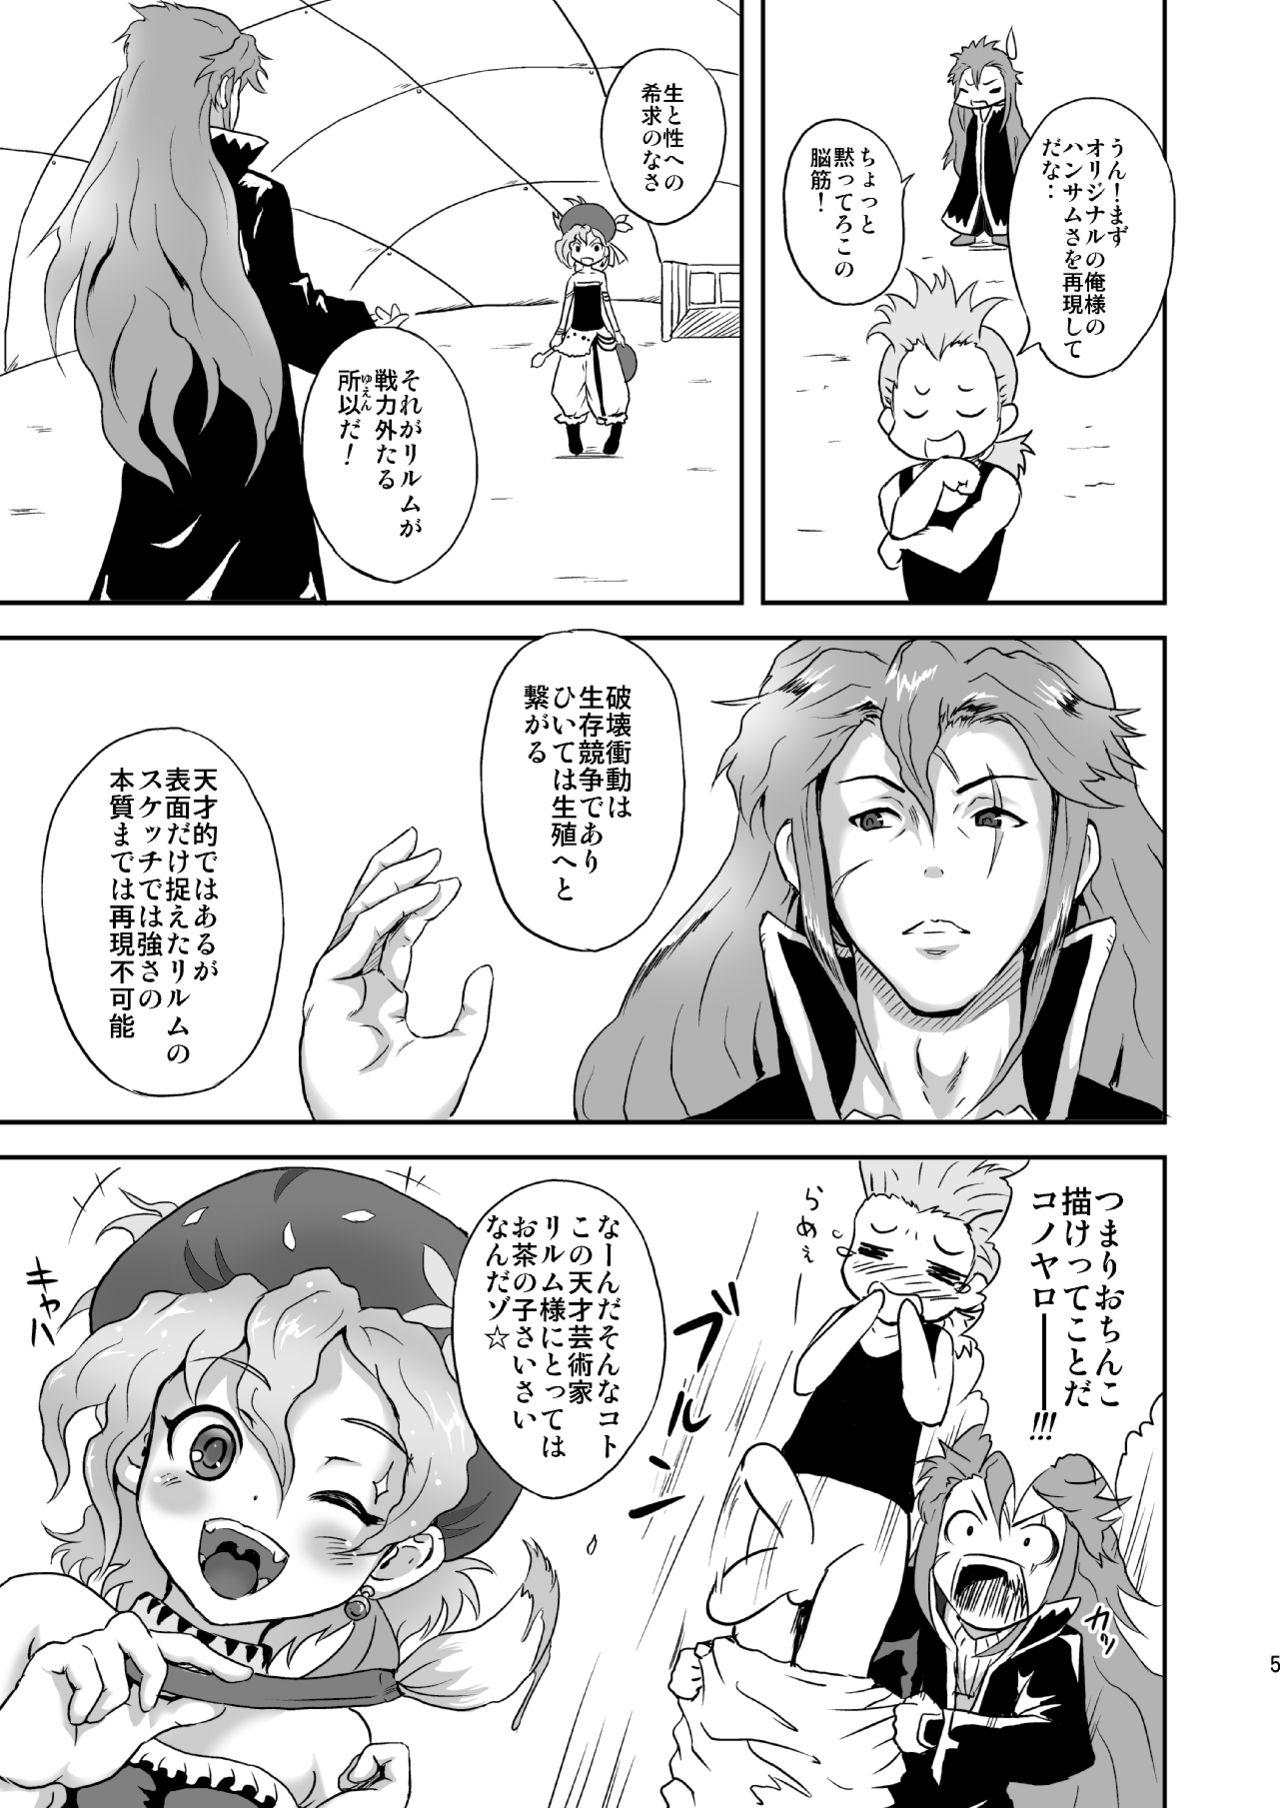 Relm-tan no Hajirai Sketch 3